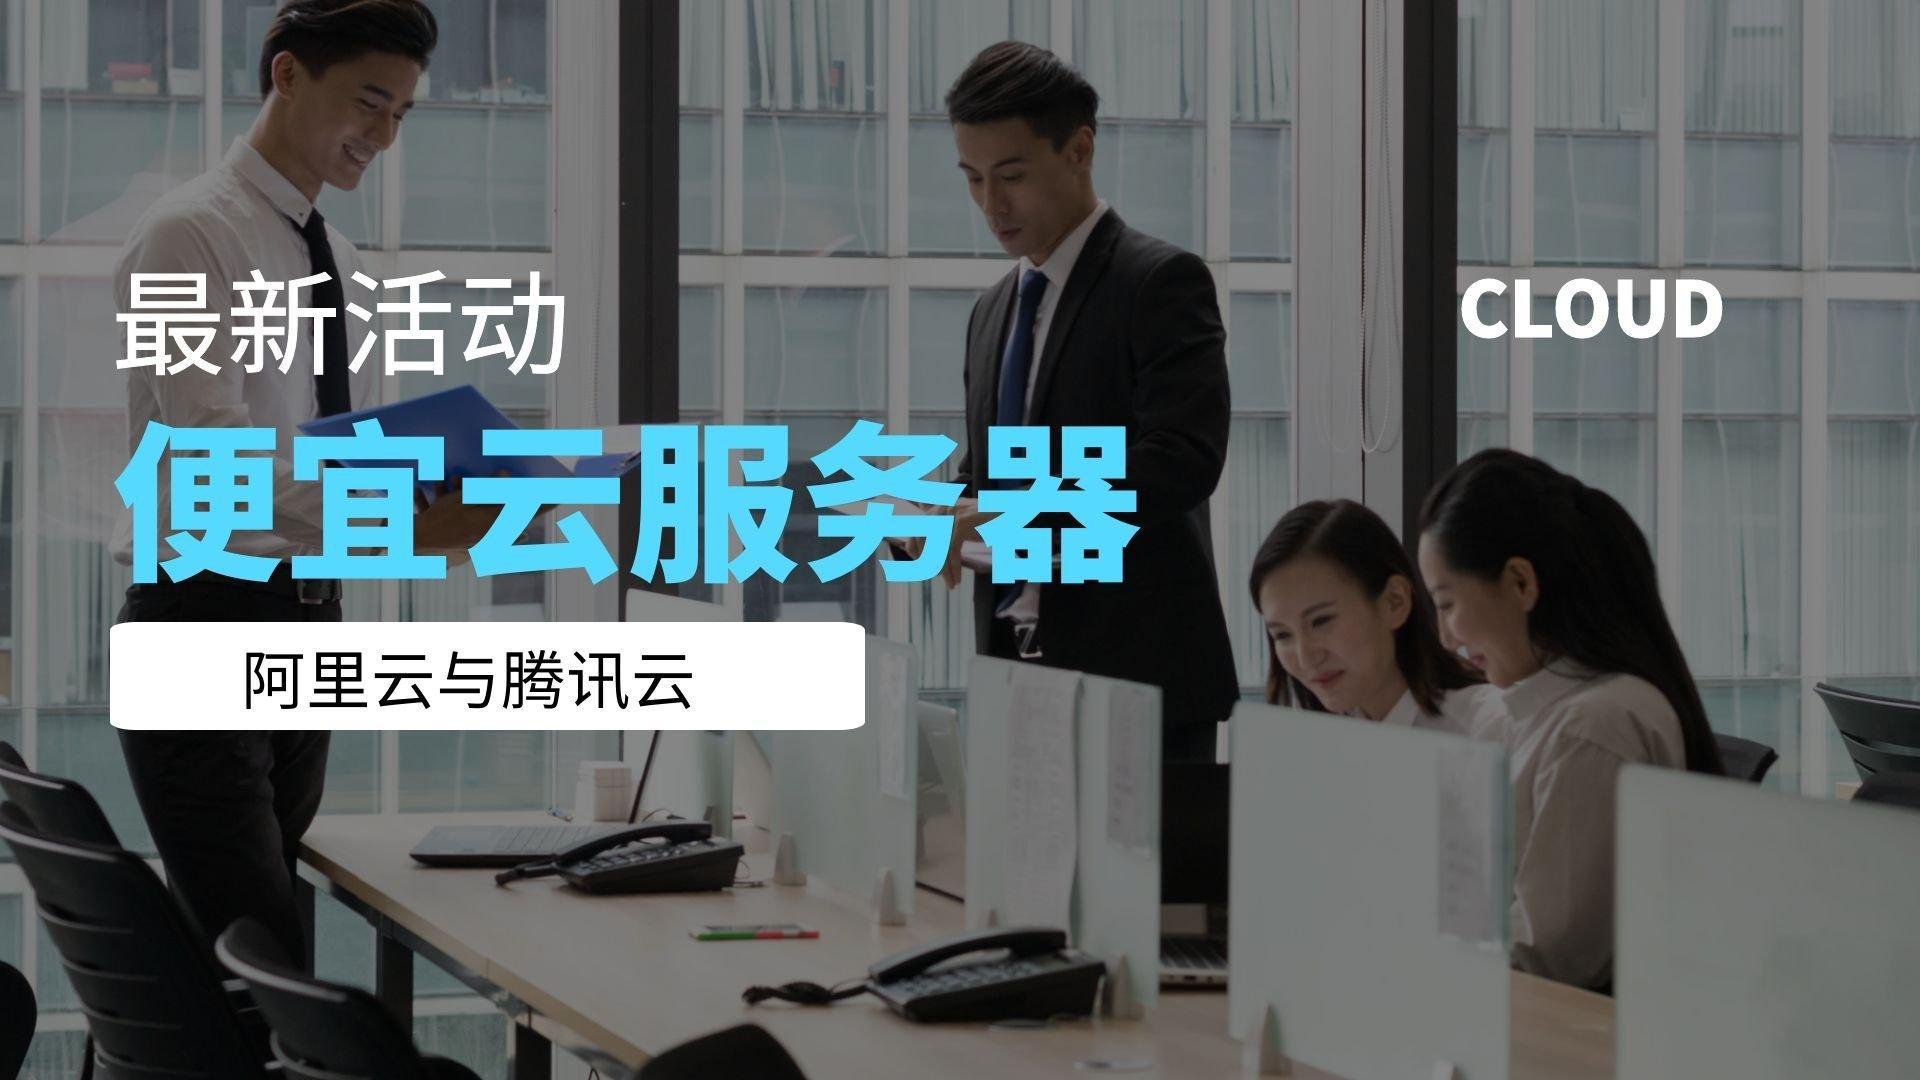 便宜云服务器丨2021年3月阿里云与腾讯云最新活动